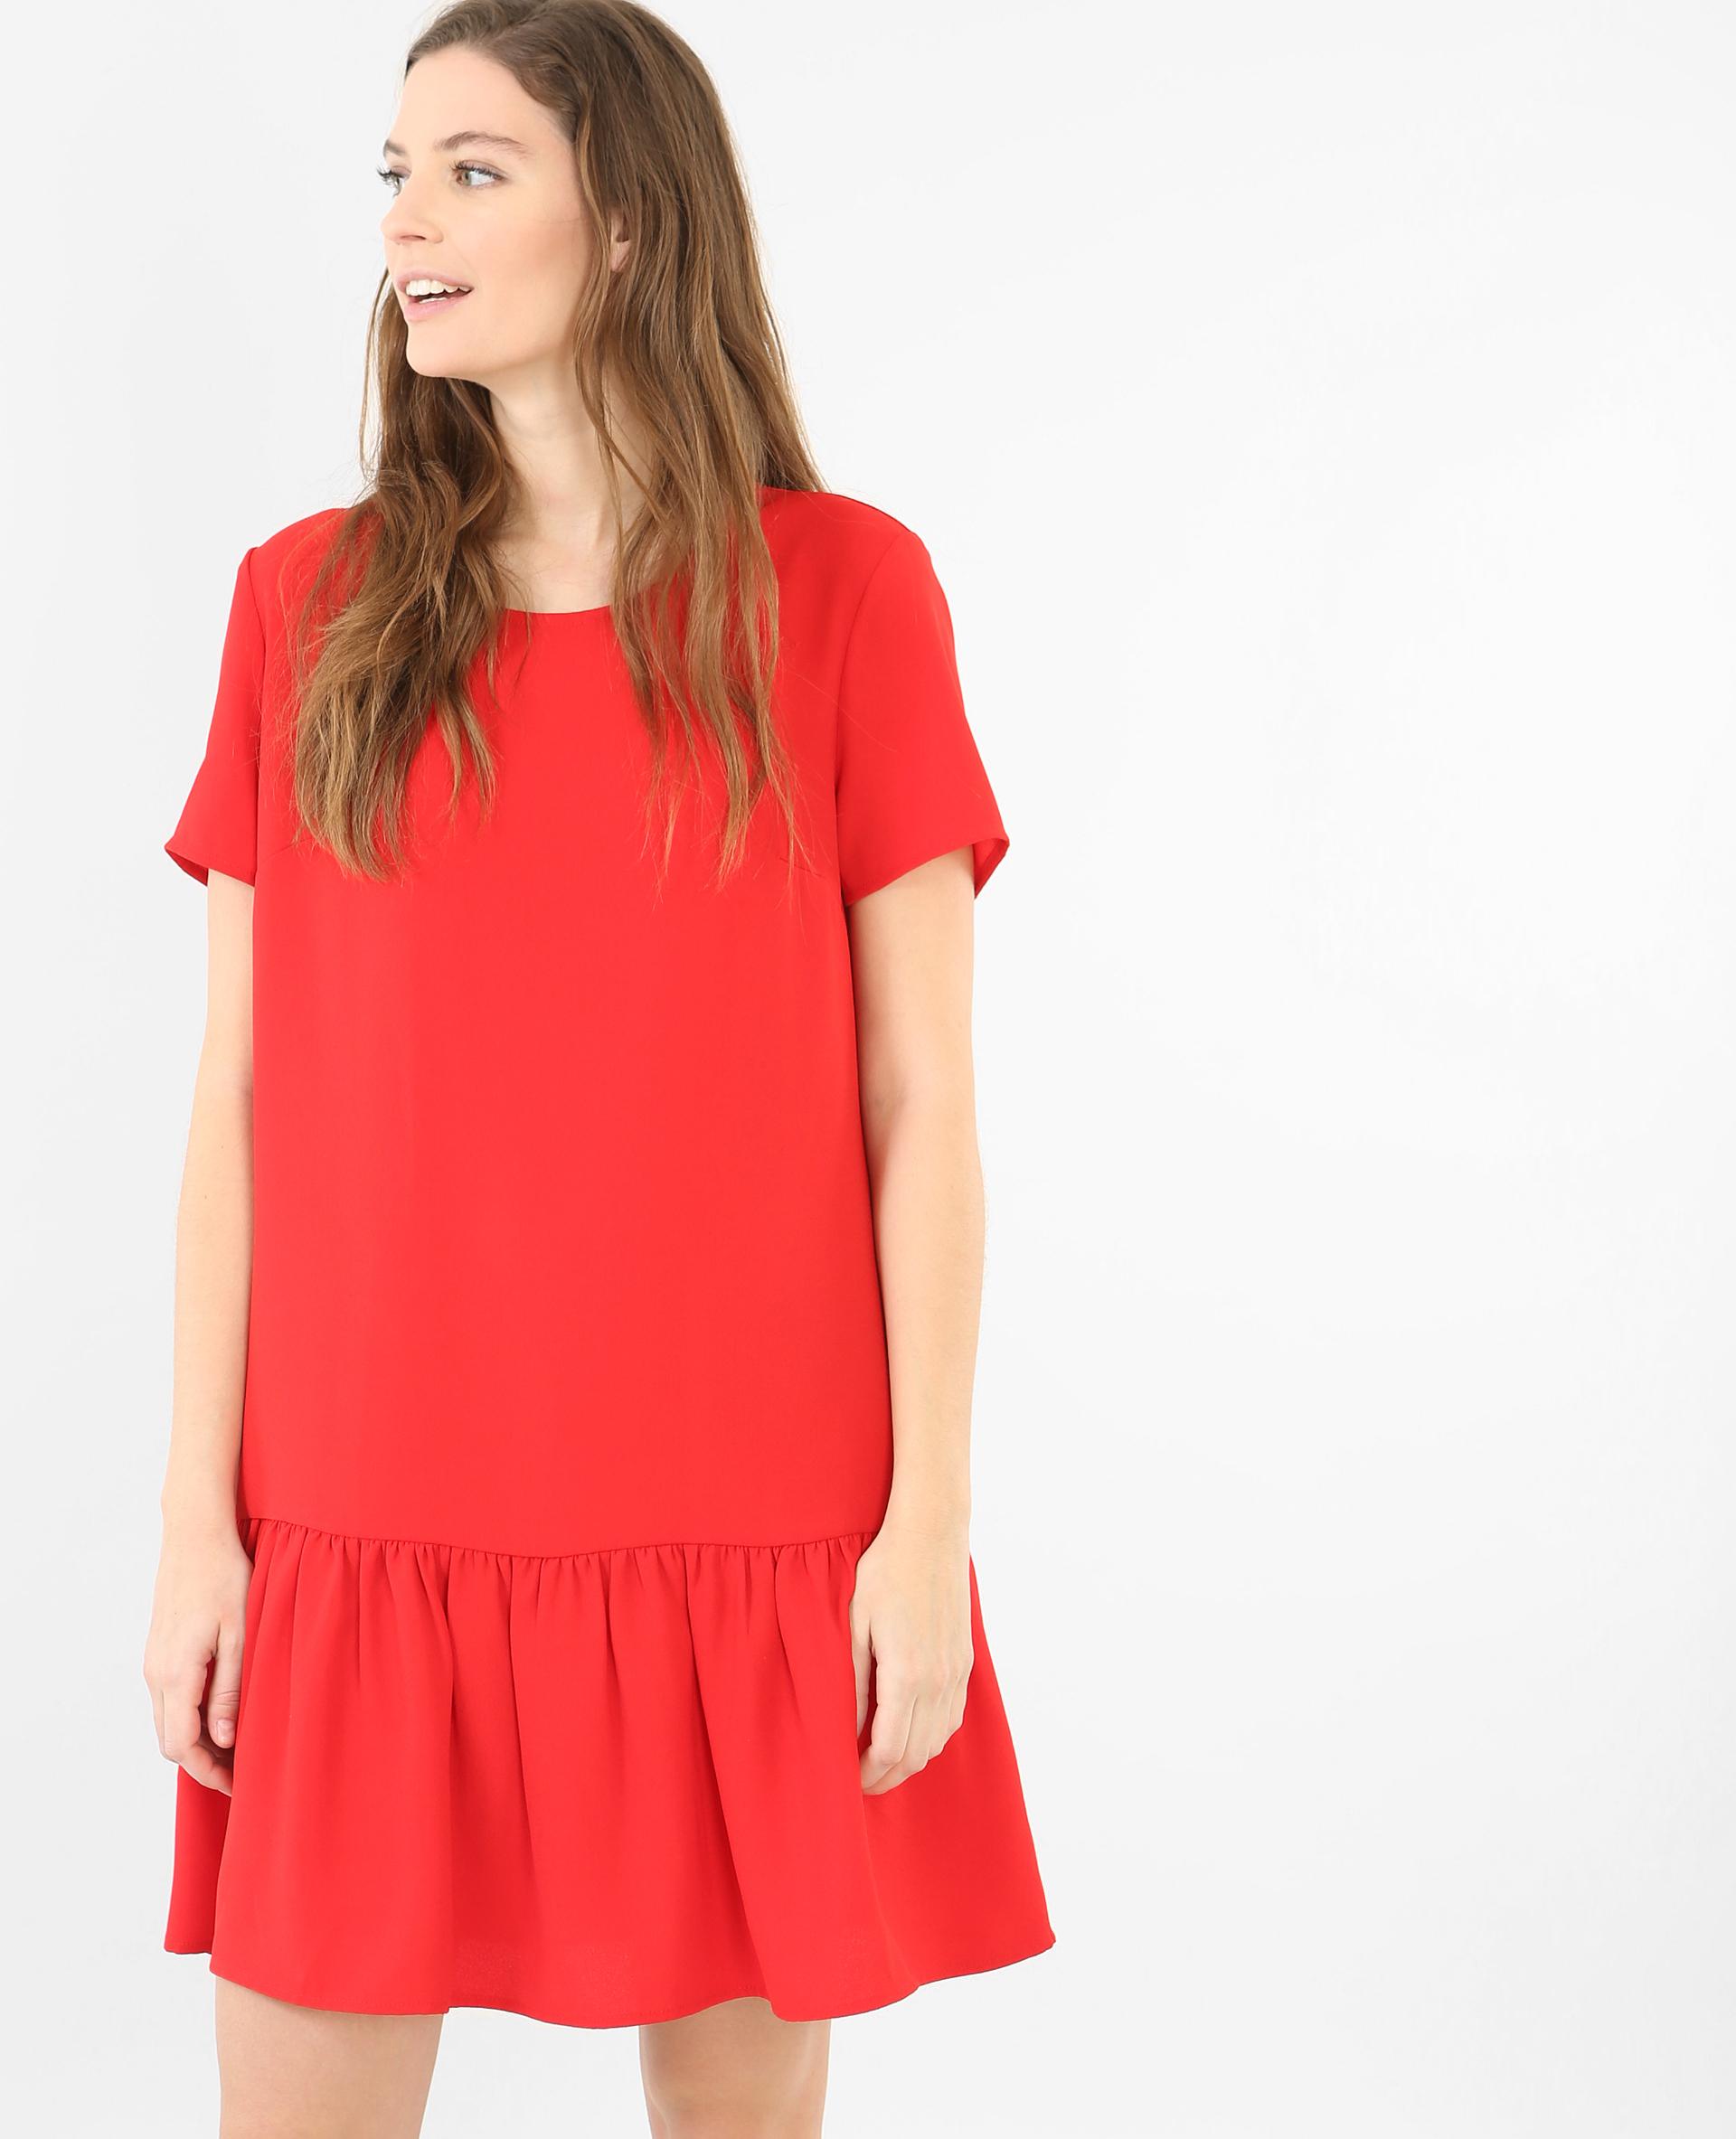 Robe rouge pimkie - Kleider pimkie ...